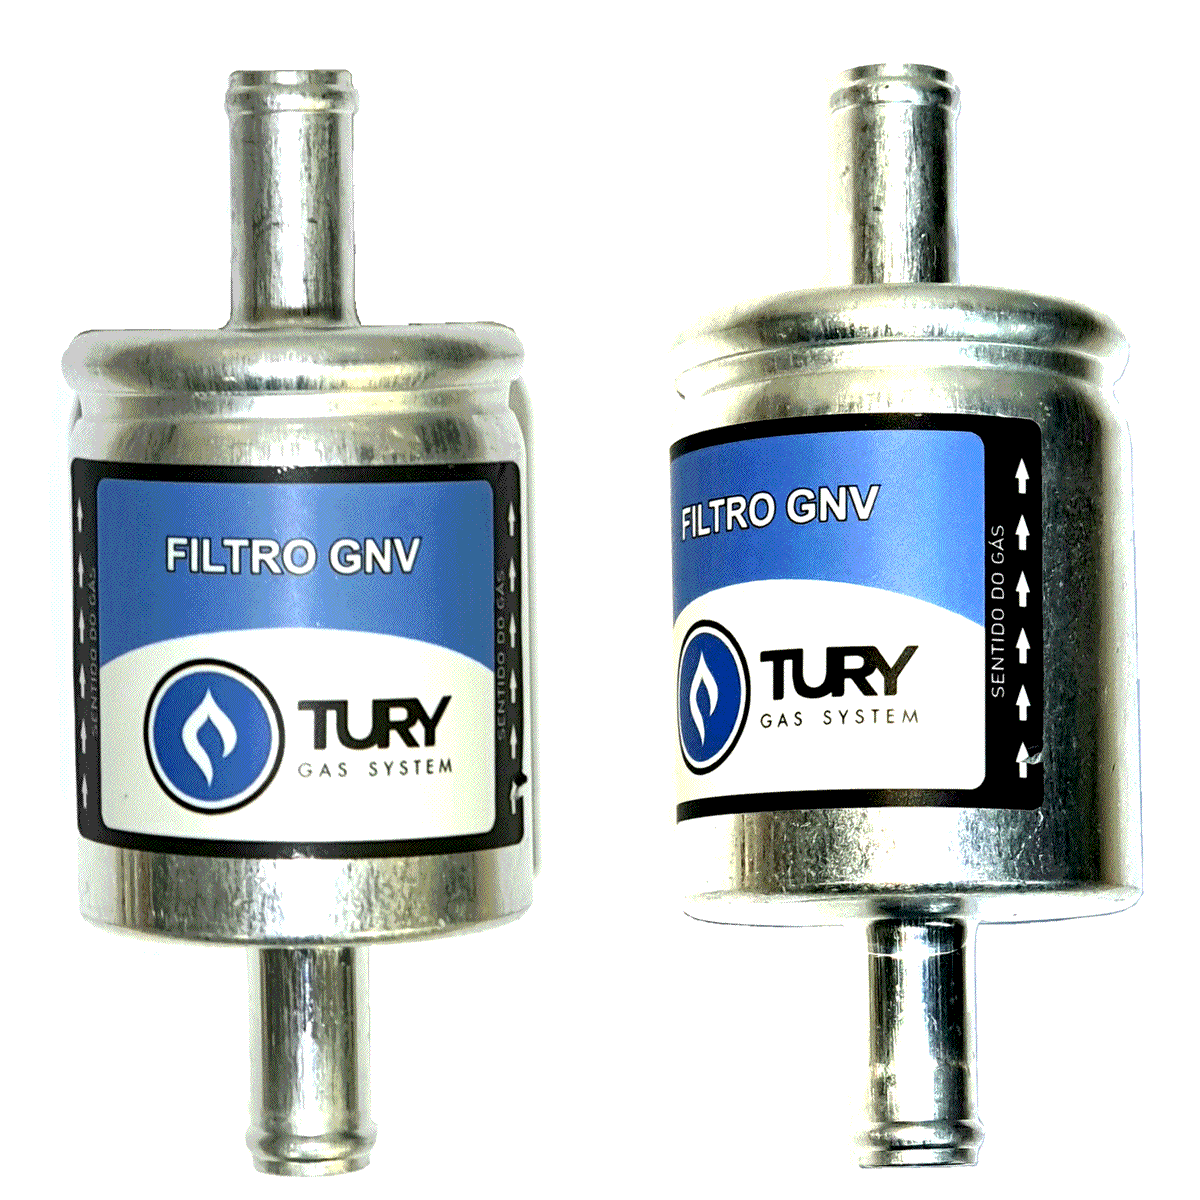 2 Filtros TURY GAS 5ª e 6ª geração GNV protege bicos STAG EMER e outros